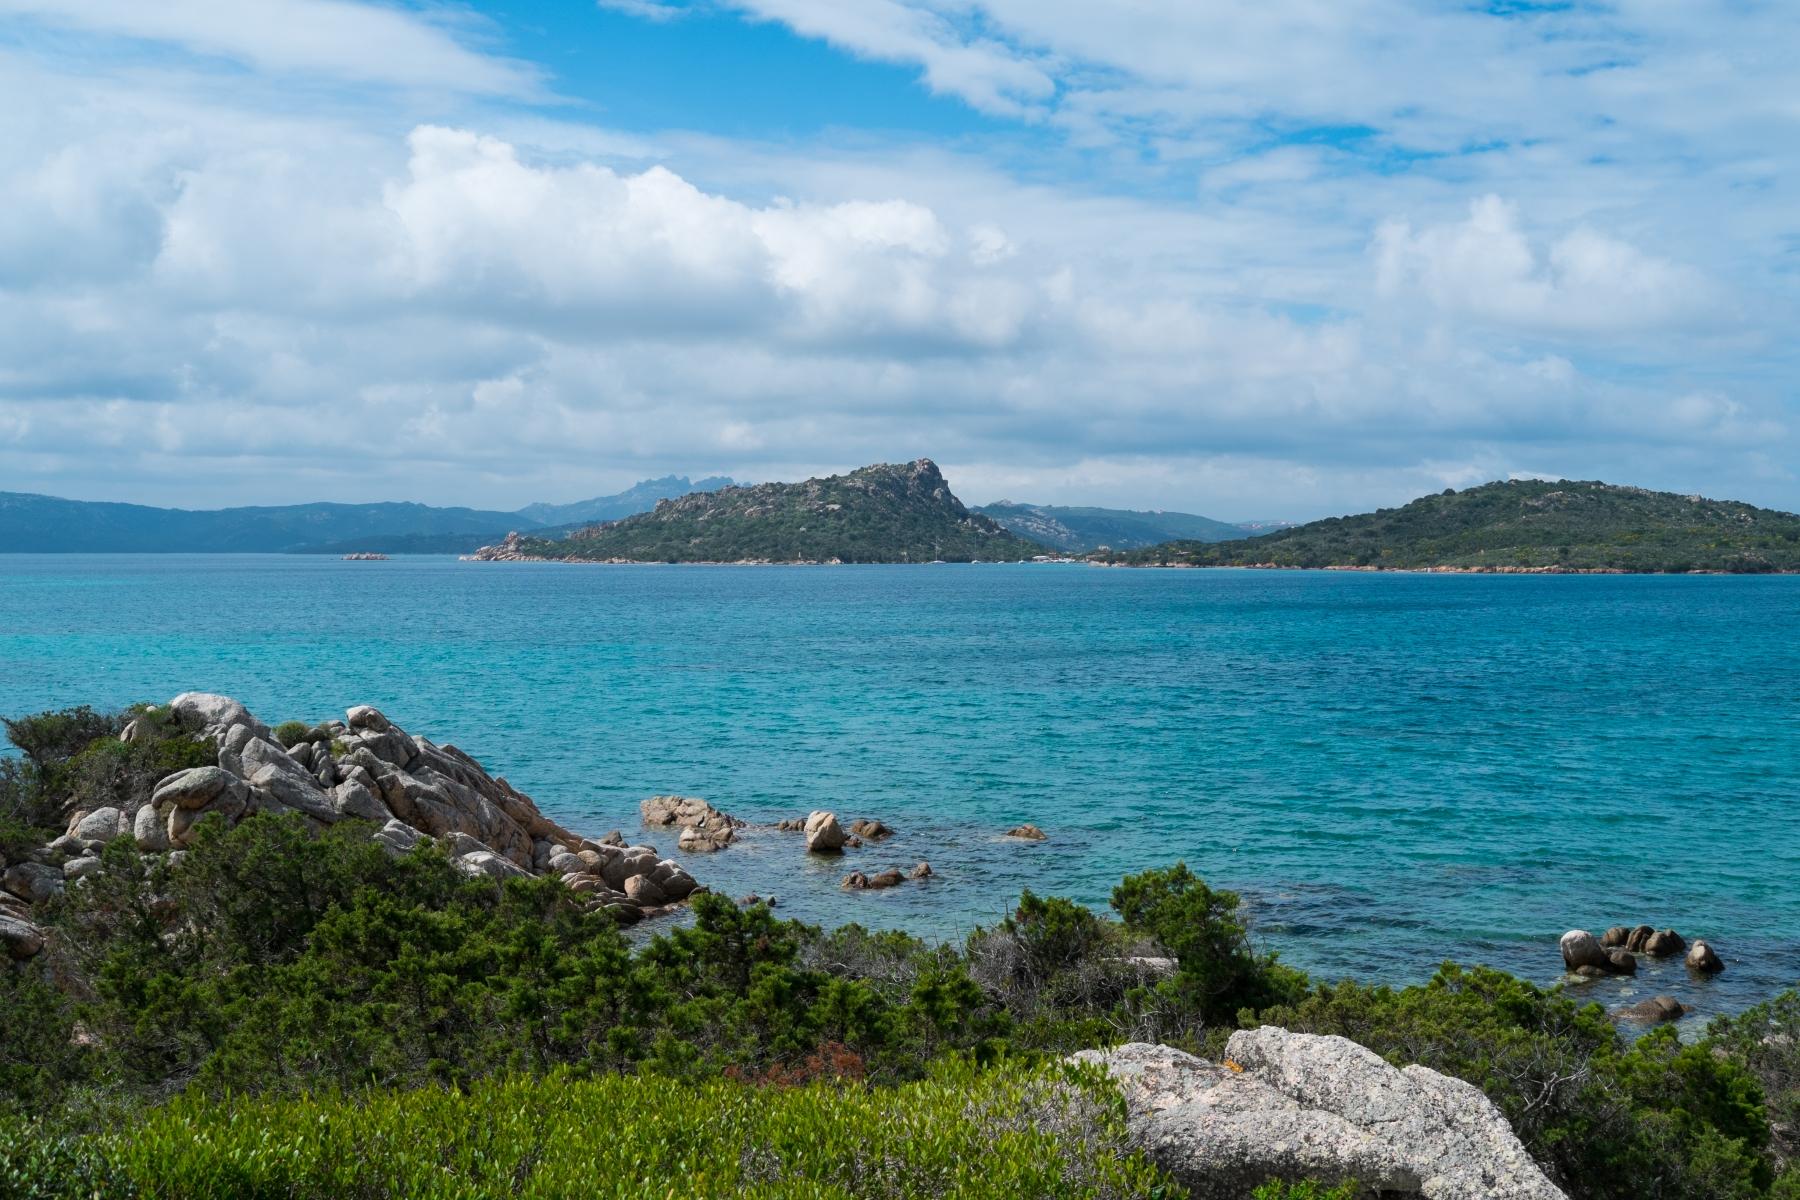 L'isola di Caprera e Garibaldi, l'eroe dei due mondi